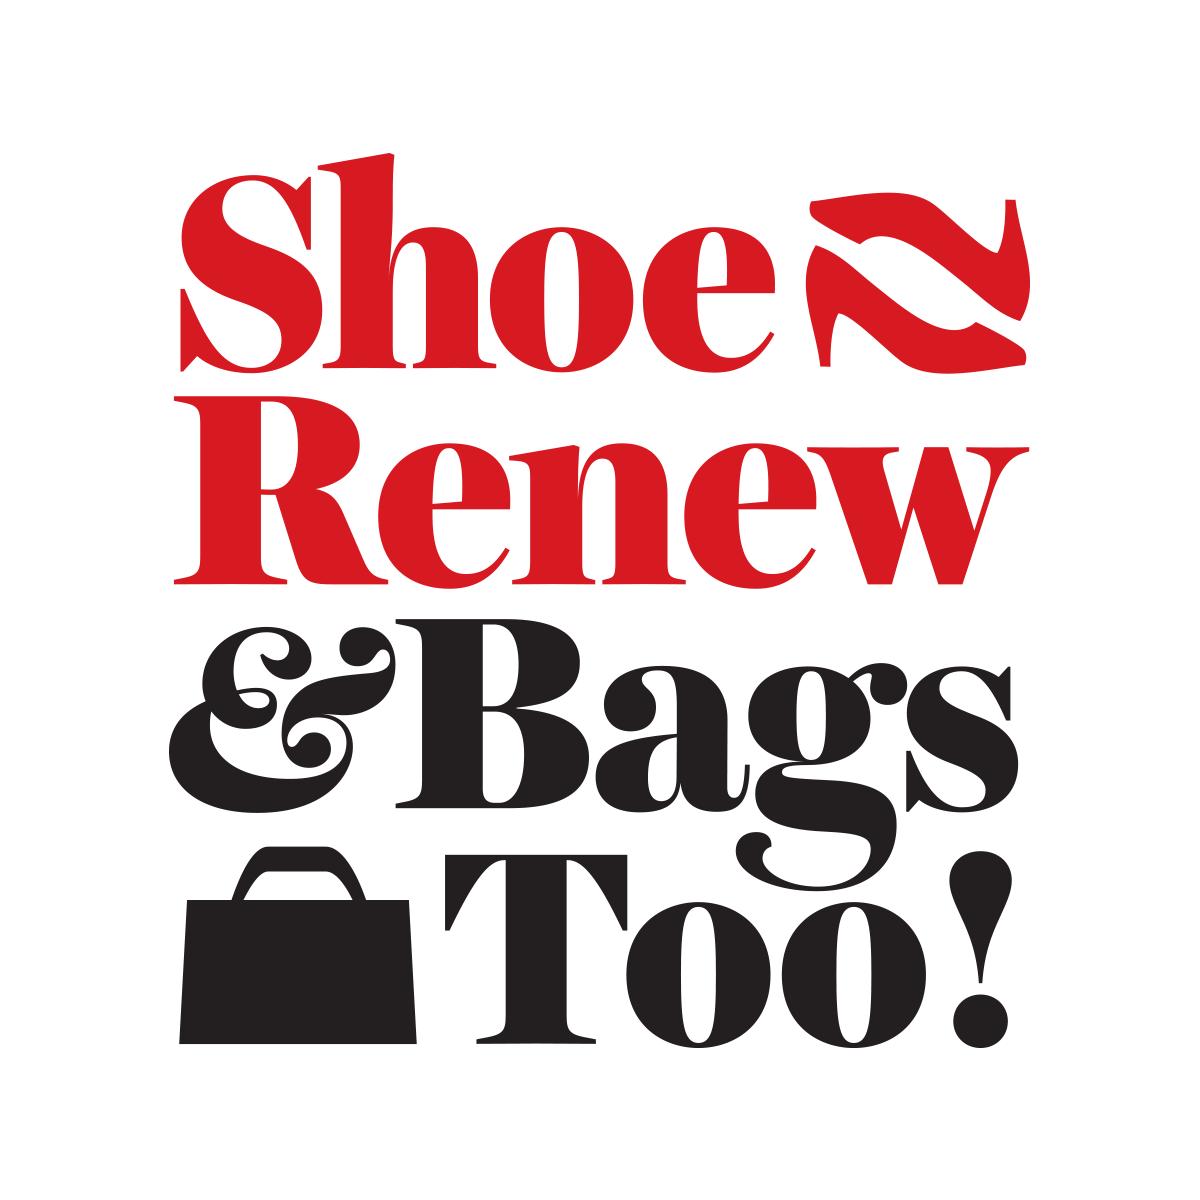 Shoe Renew & Bags Too!